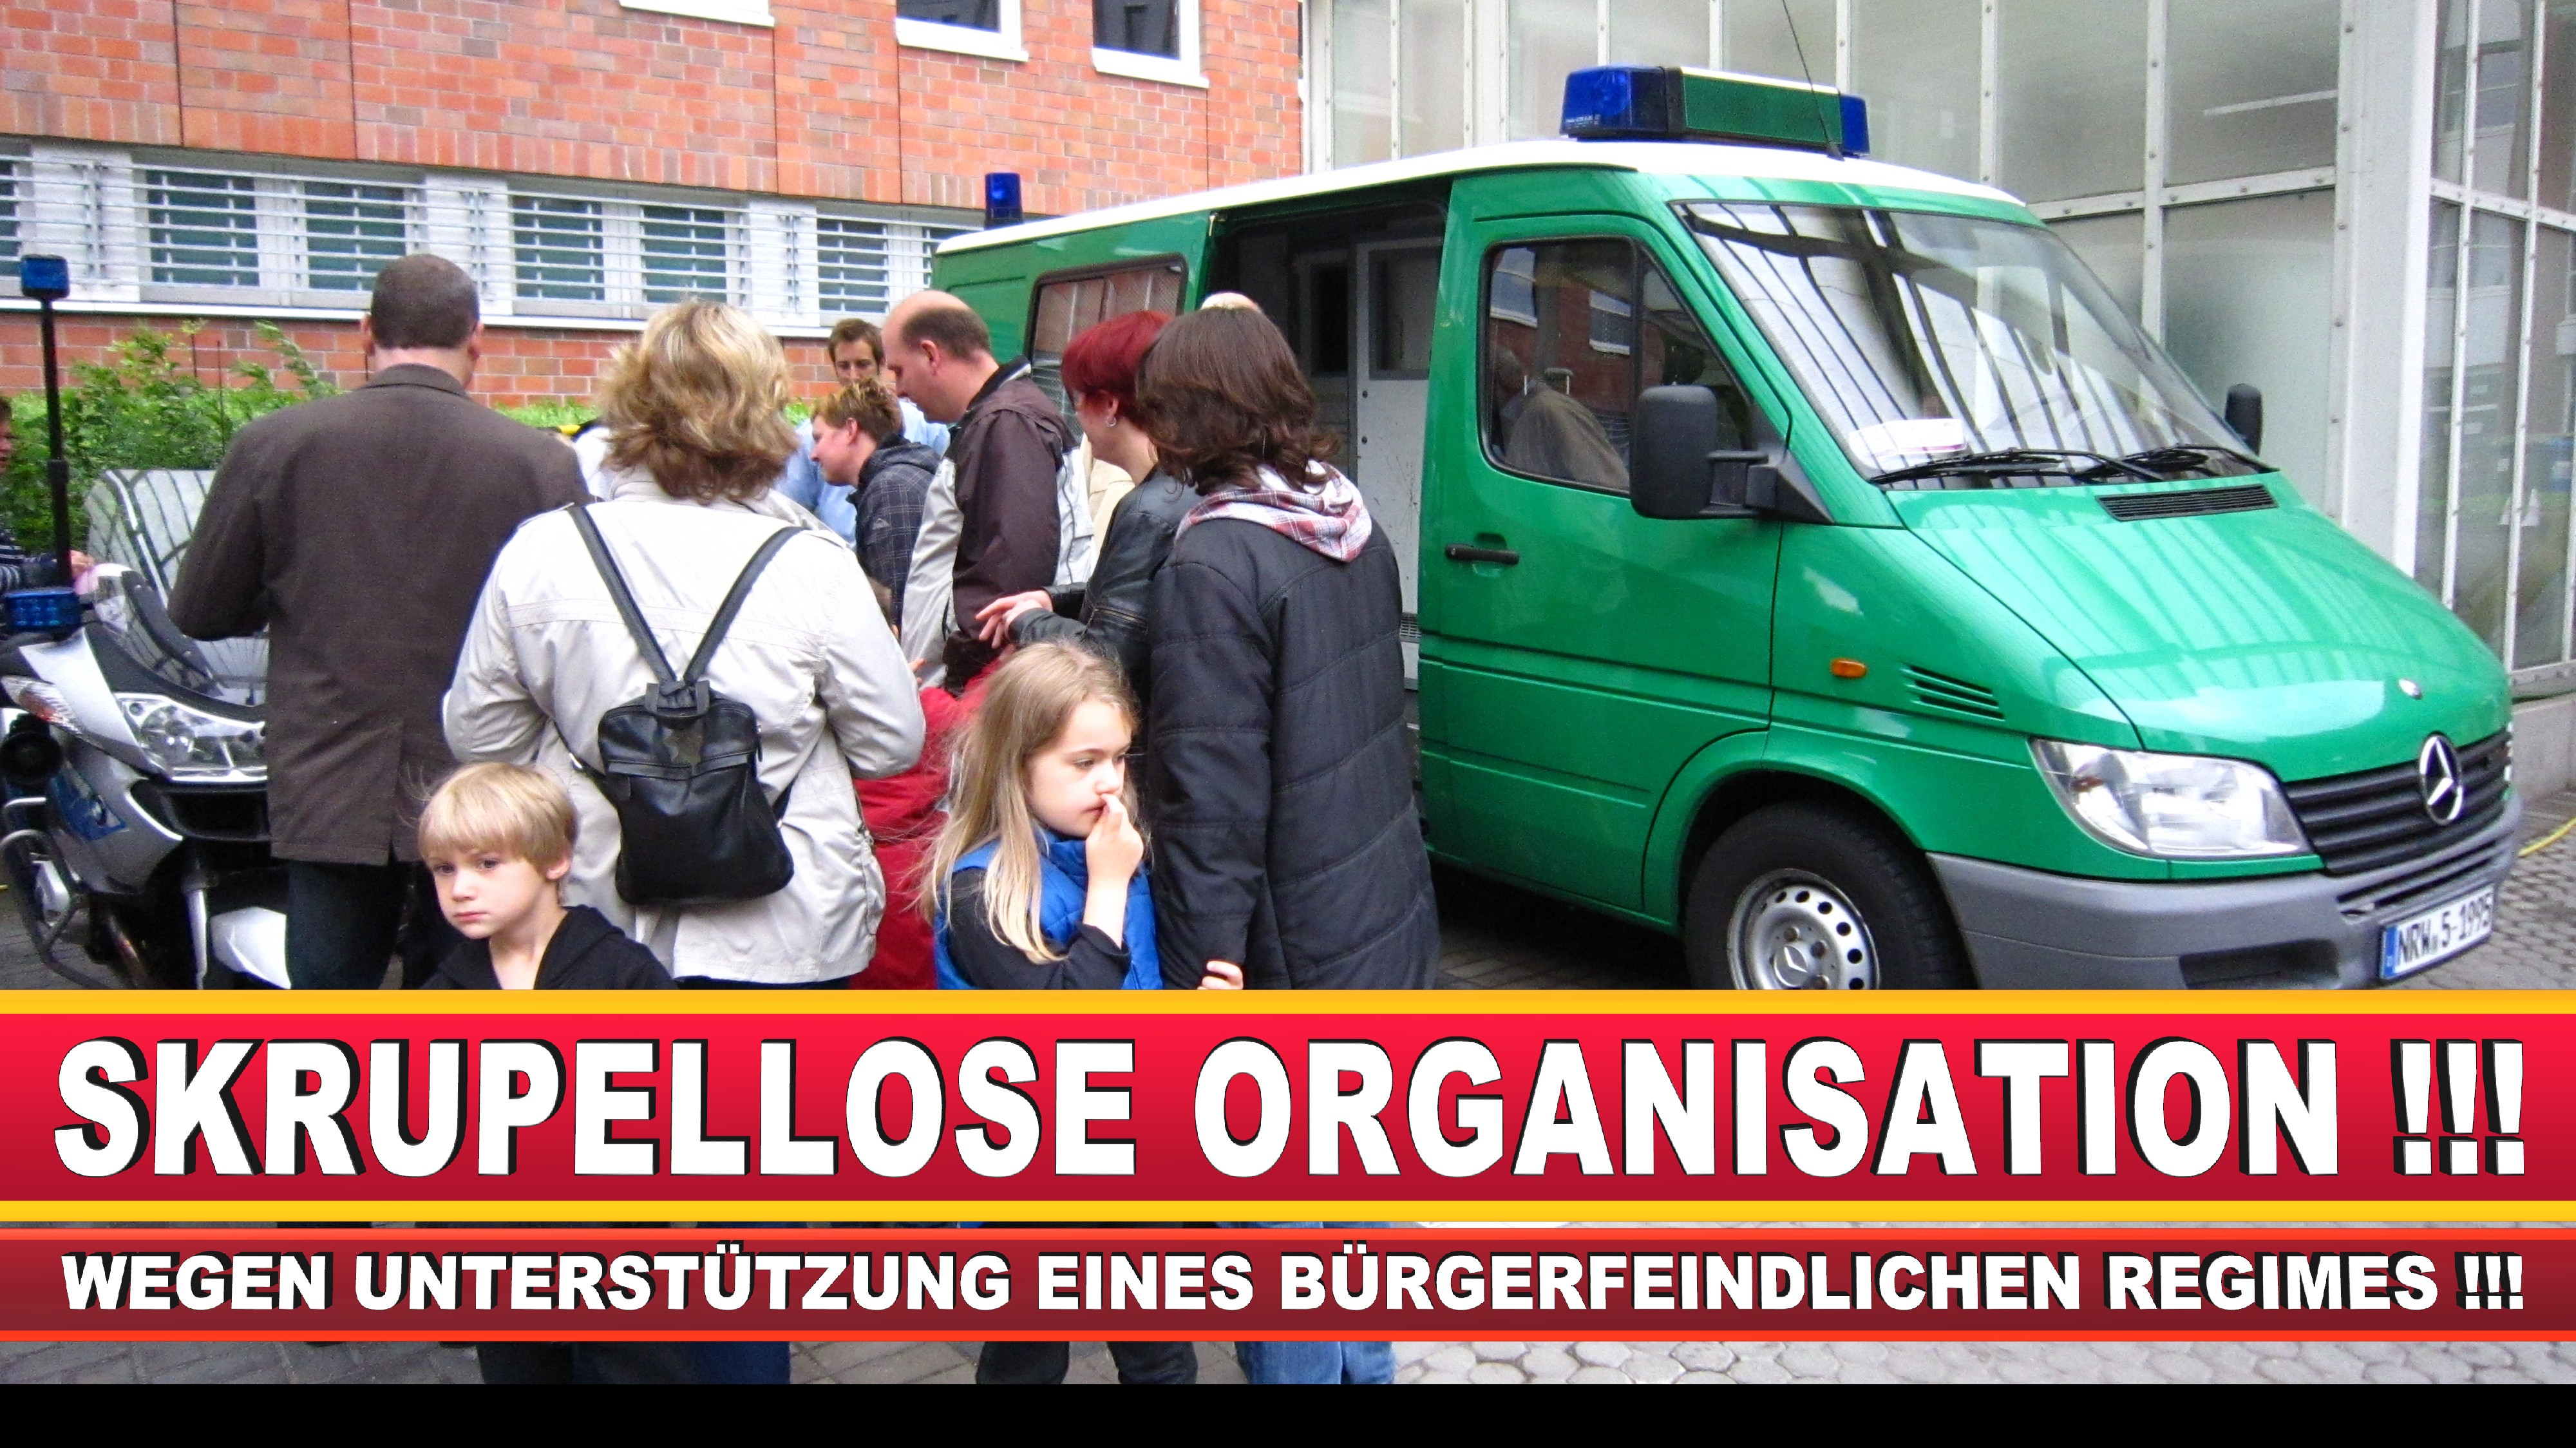 Polizeipräsidentin Katharina Giere Polizei Bielefeld NRW Erwin Südfeld Horst Kruse Polizeiuniform Polizeigewalt DEMONSTRATION Bahnhof (6)